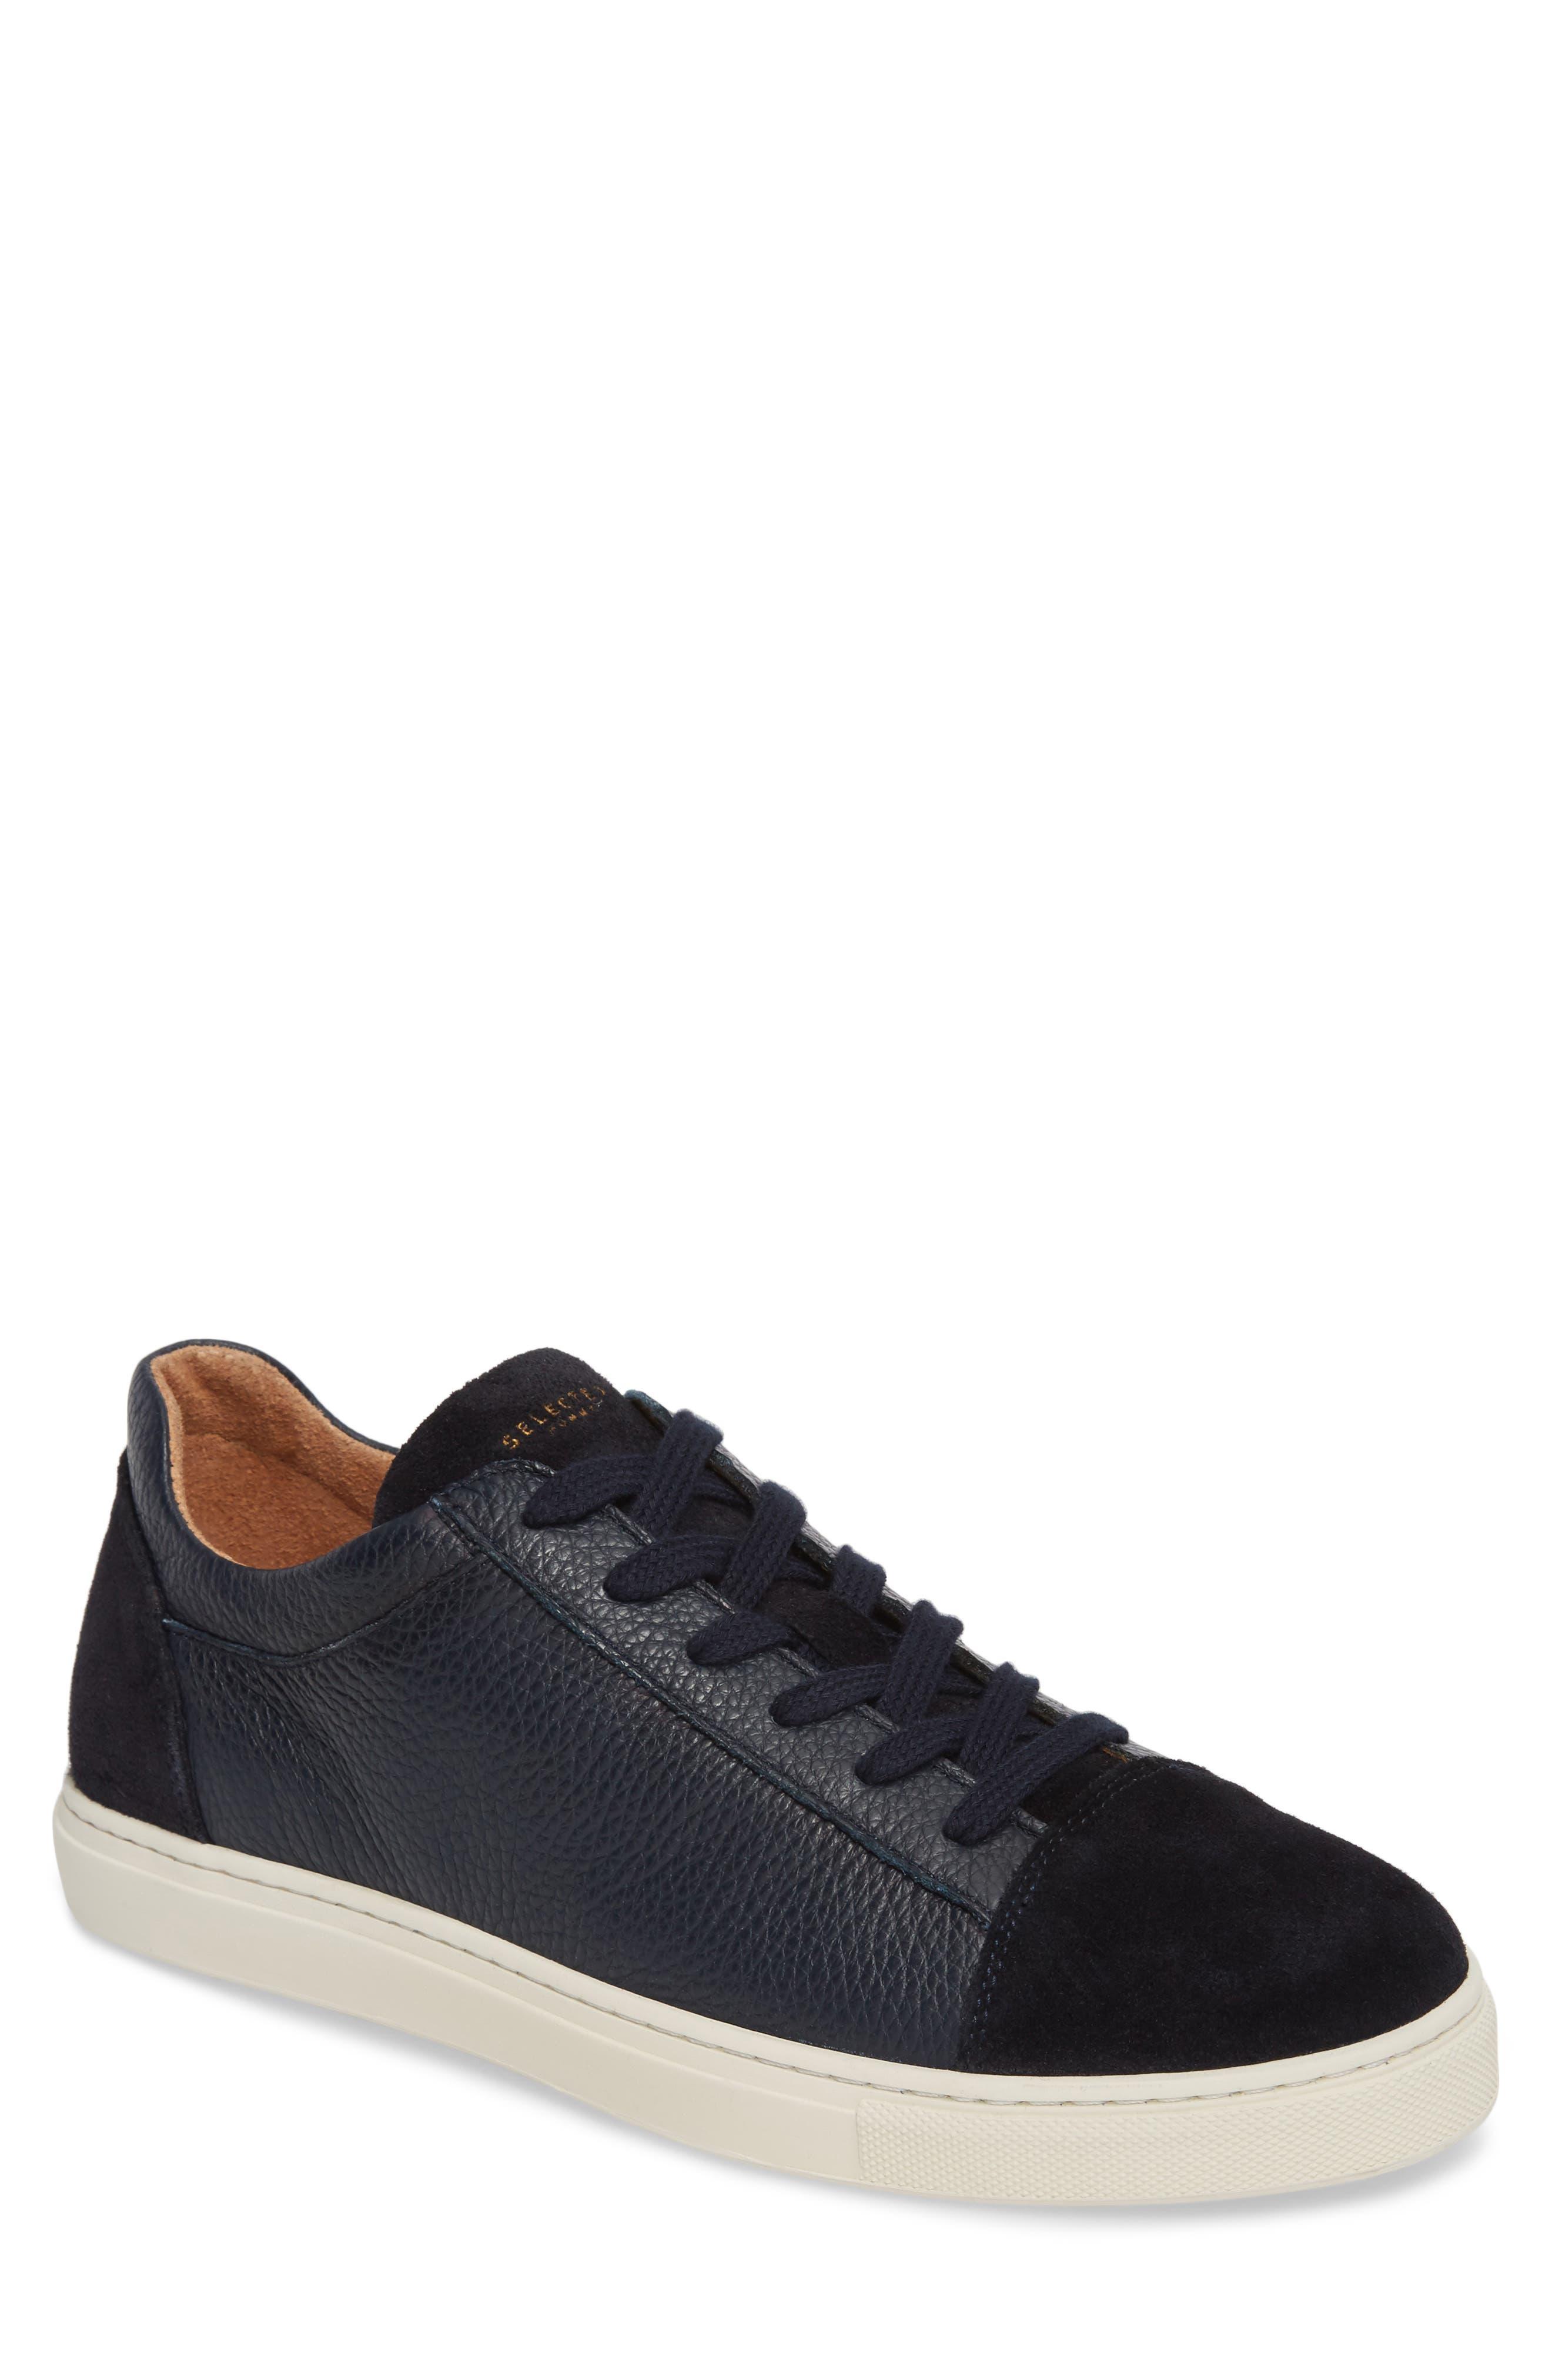 Selected Homme David Cap Toe Sneaker (Men)